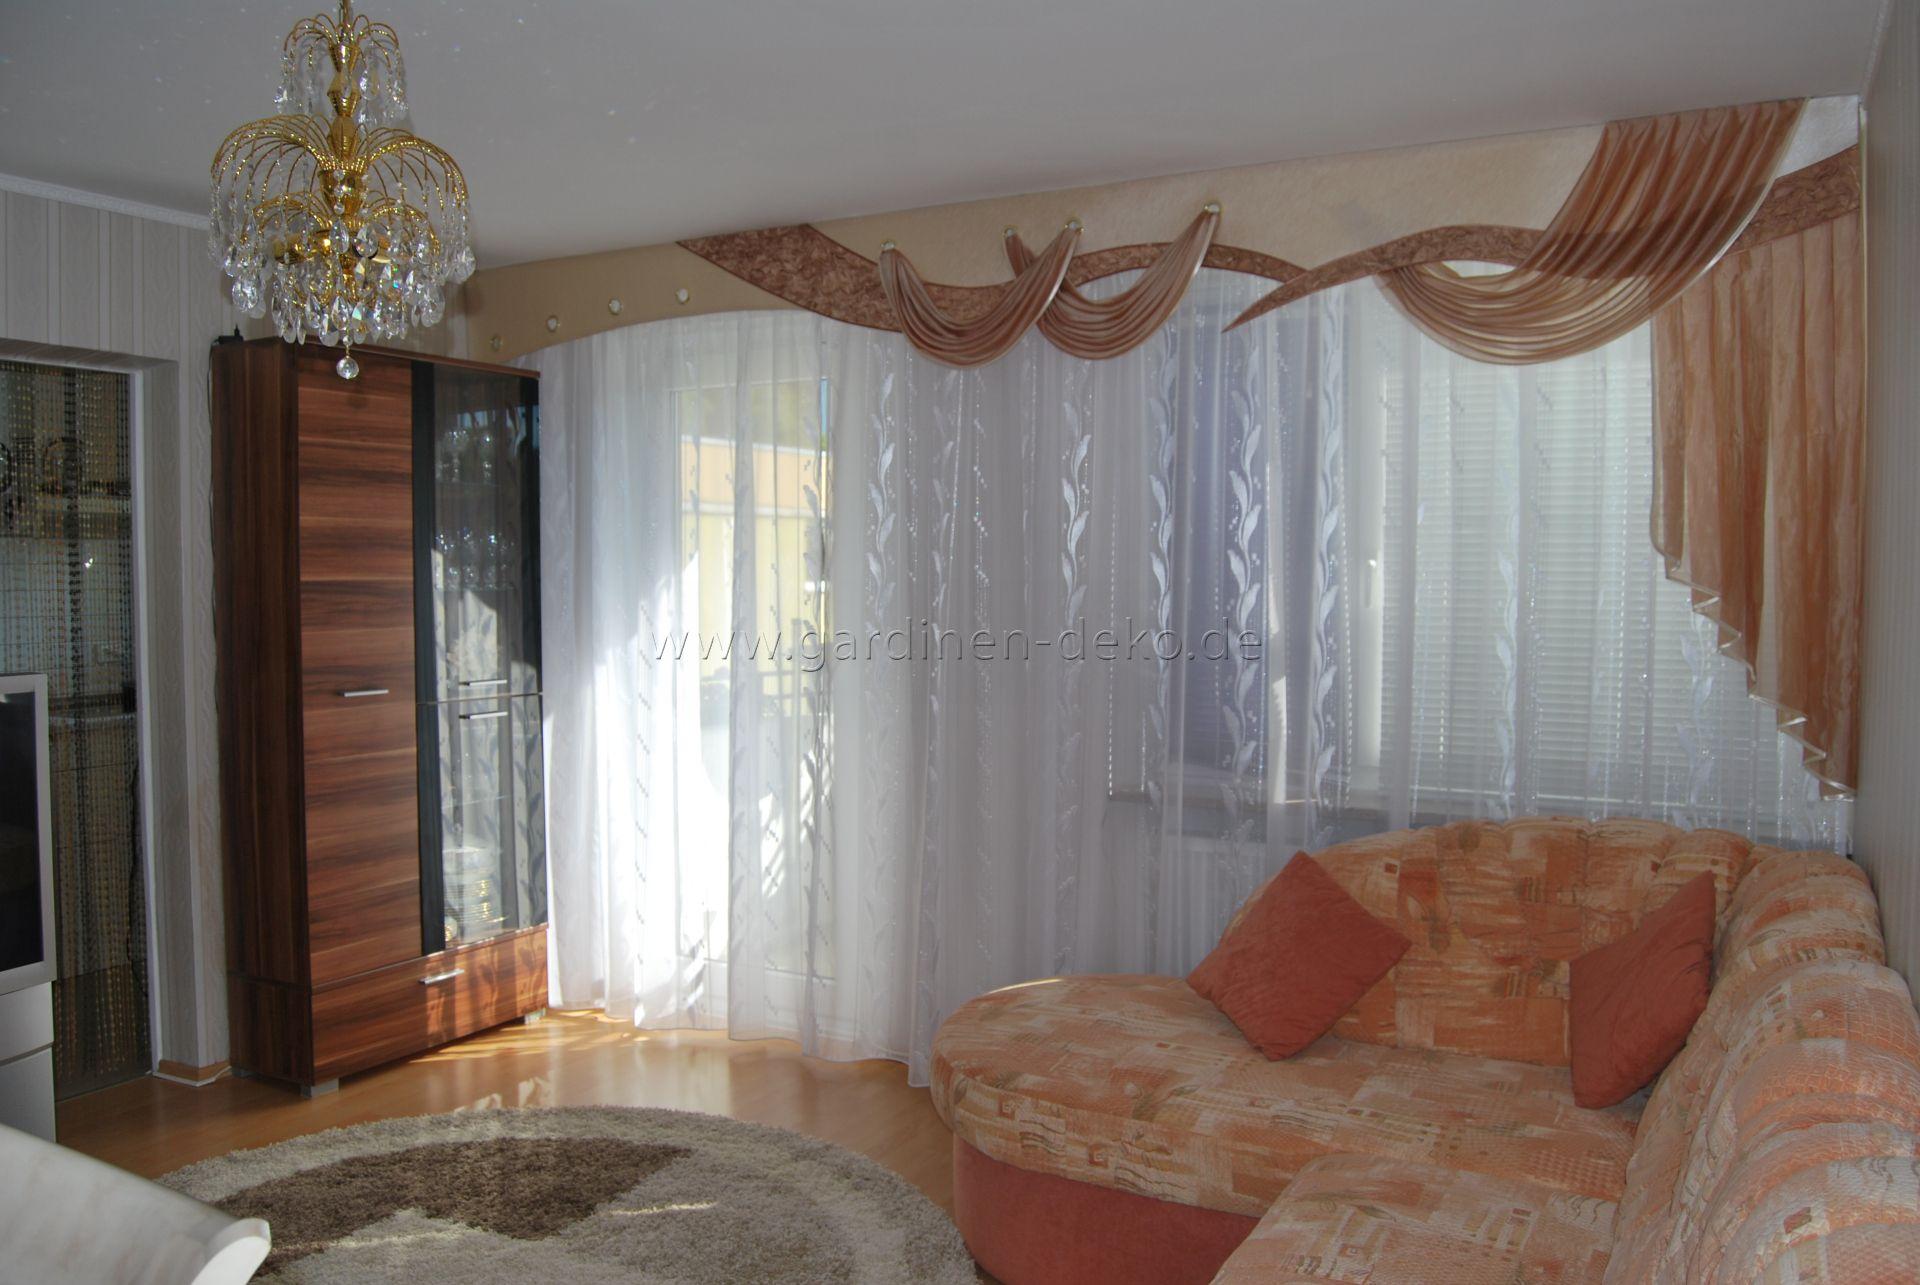 klassischer wohnzimmer vorhang mit gro er schabracke im wellendesign. Black Bedroom Furniture Sets. Home Design Ideas